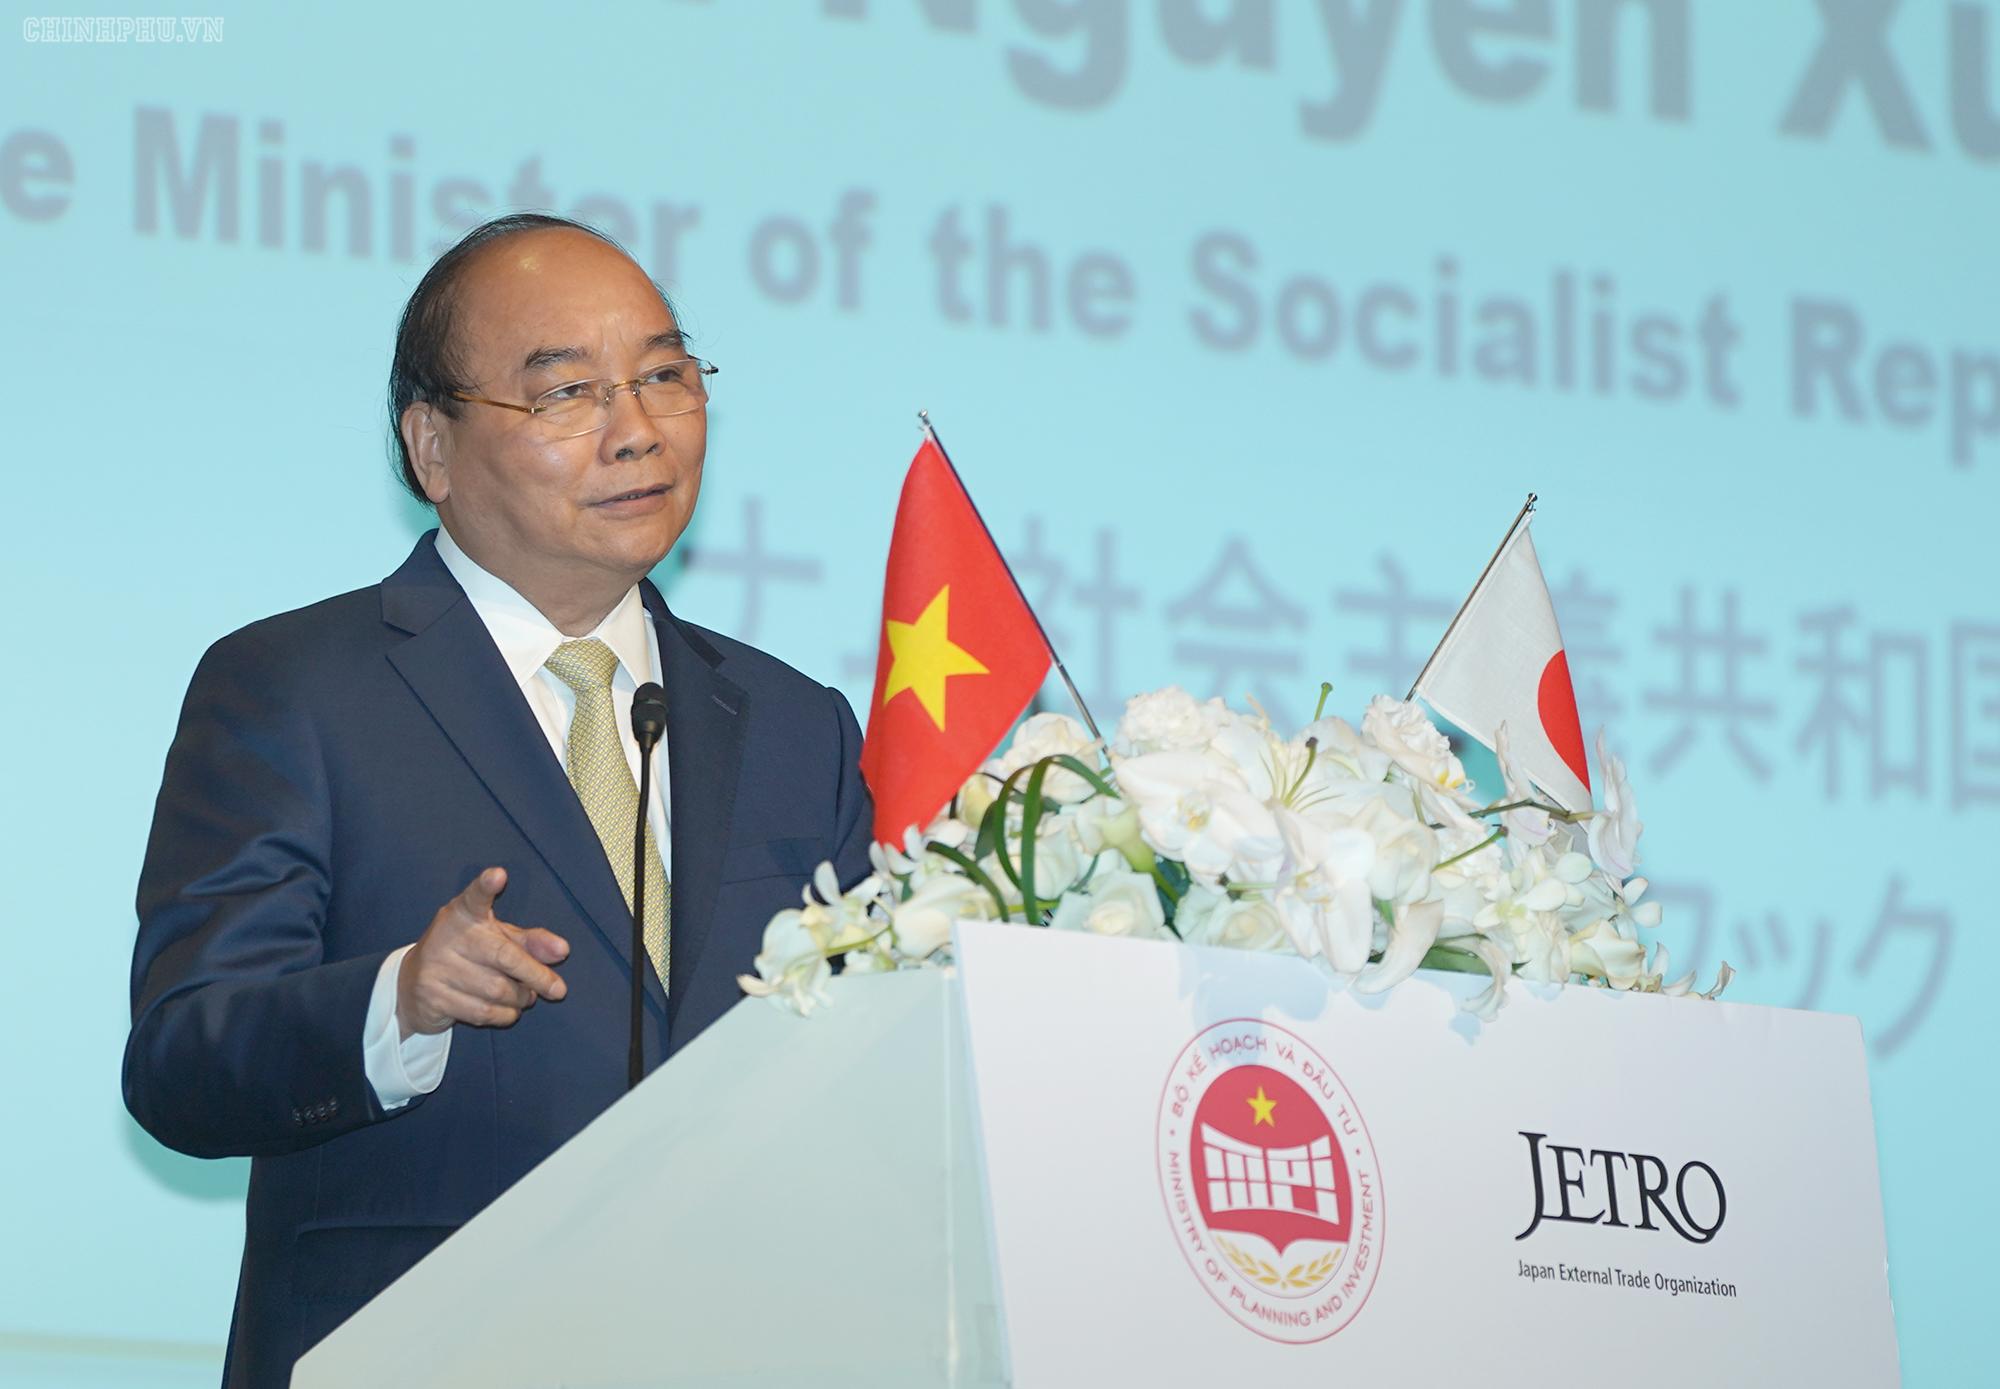 Thủ tướng khuyến khích DN Nhật đầu tư vào điện sạch, bất động sản, logistics...